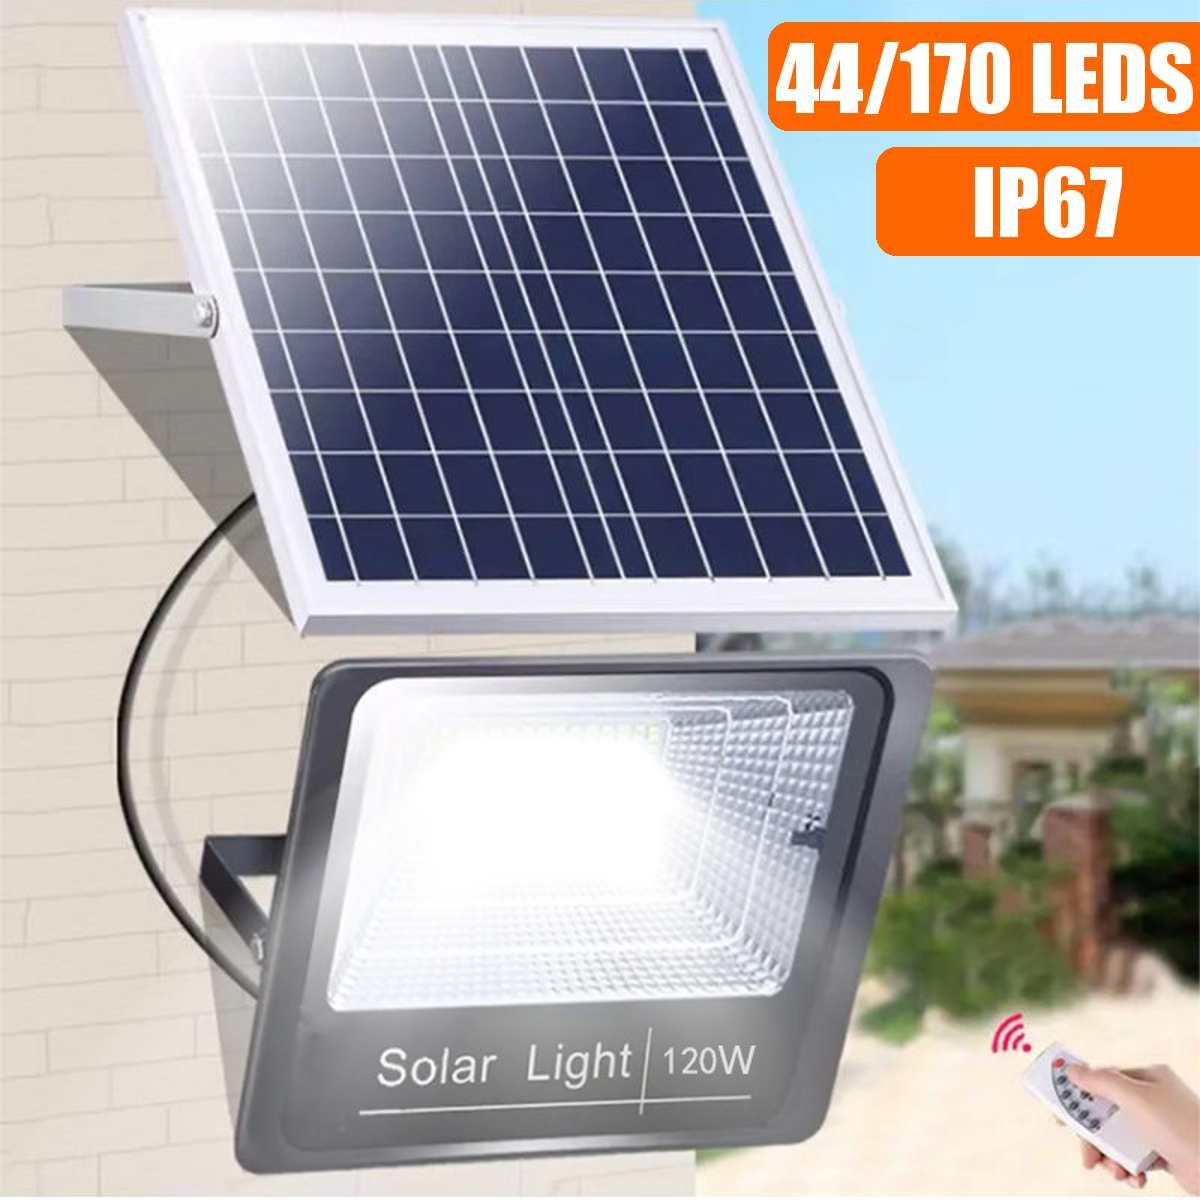 44/170 leds luz solar super brilhante holofotes sem fio ao ar livre à prova dwireless água jardim lâmpada movido a energia solar com controle rremote